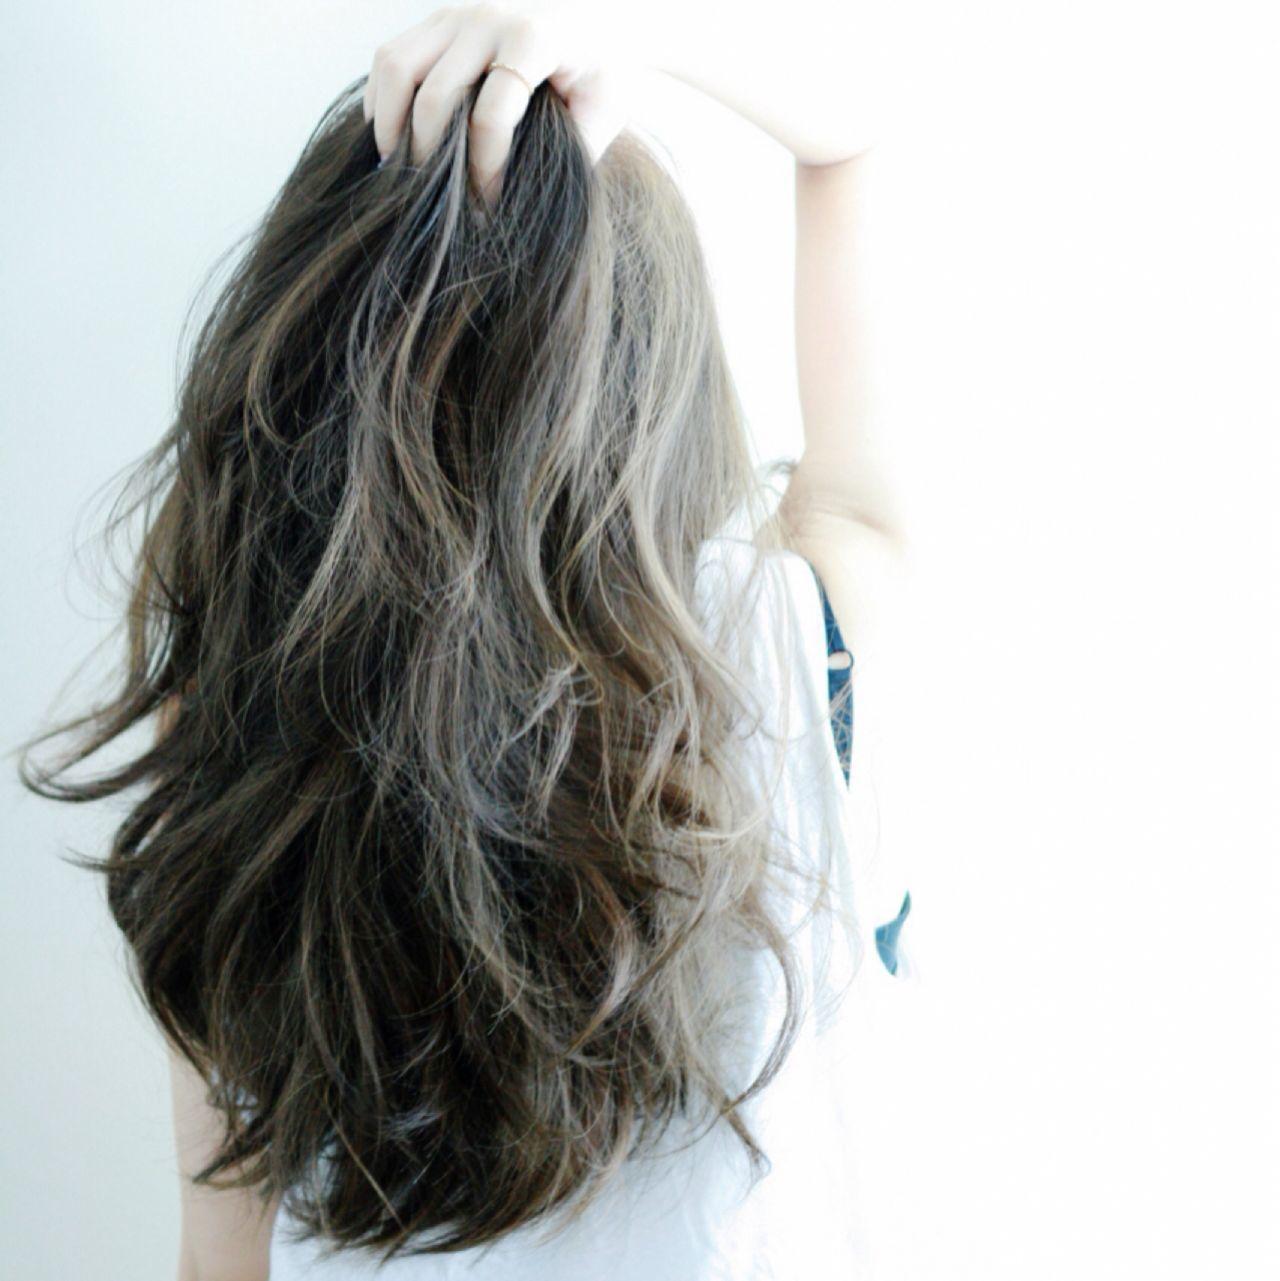 【ブリーチなしでも可愛い!】黒に近い髪色×暗めアッシュ大公開♡の15枚目の画像